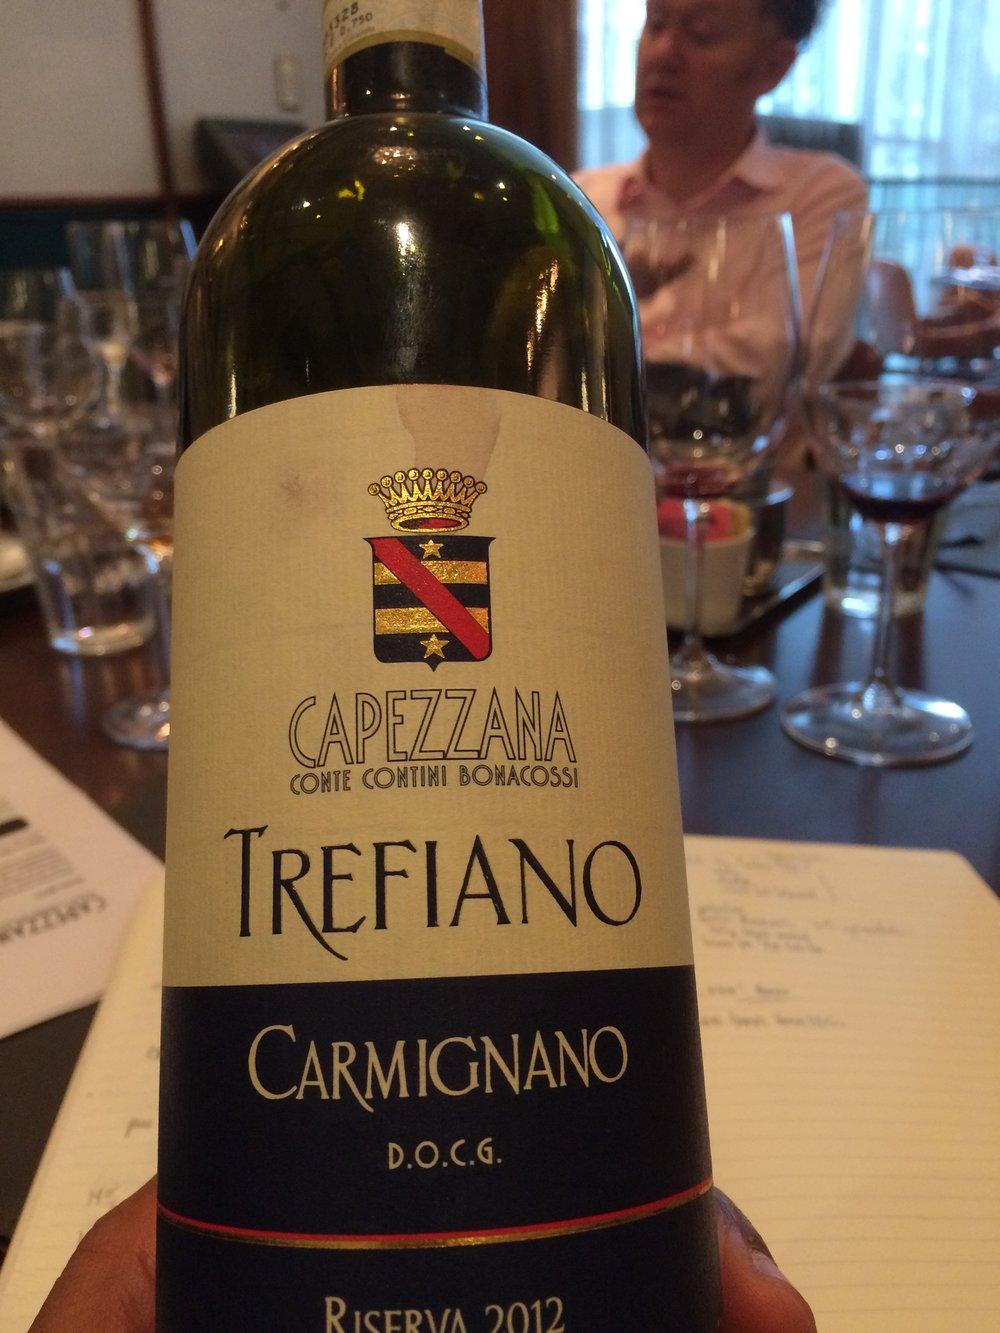 The delightful Treffiano Riserva - a Sangiovese/Cabernet/Canaiolo blend.